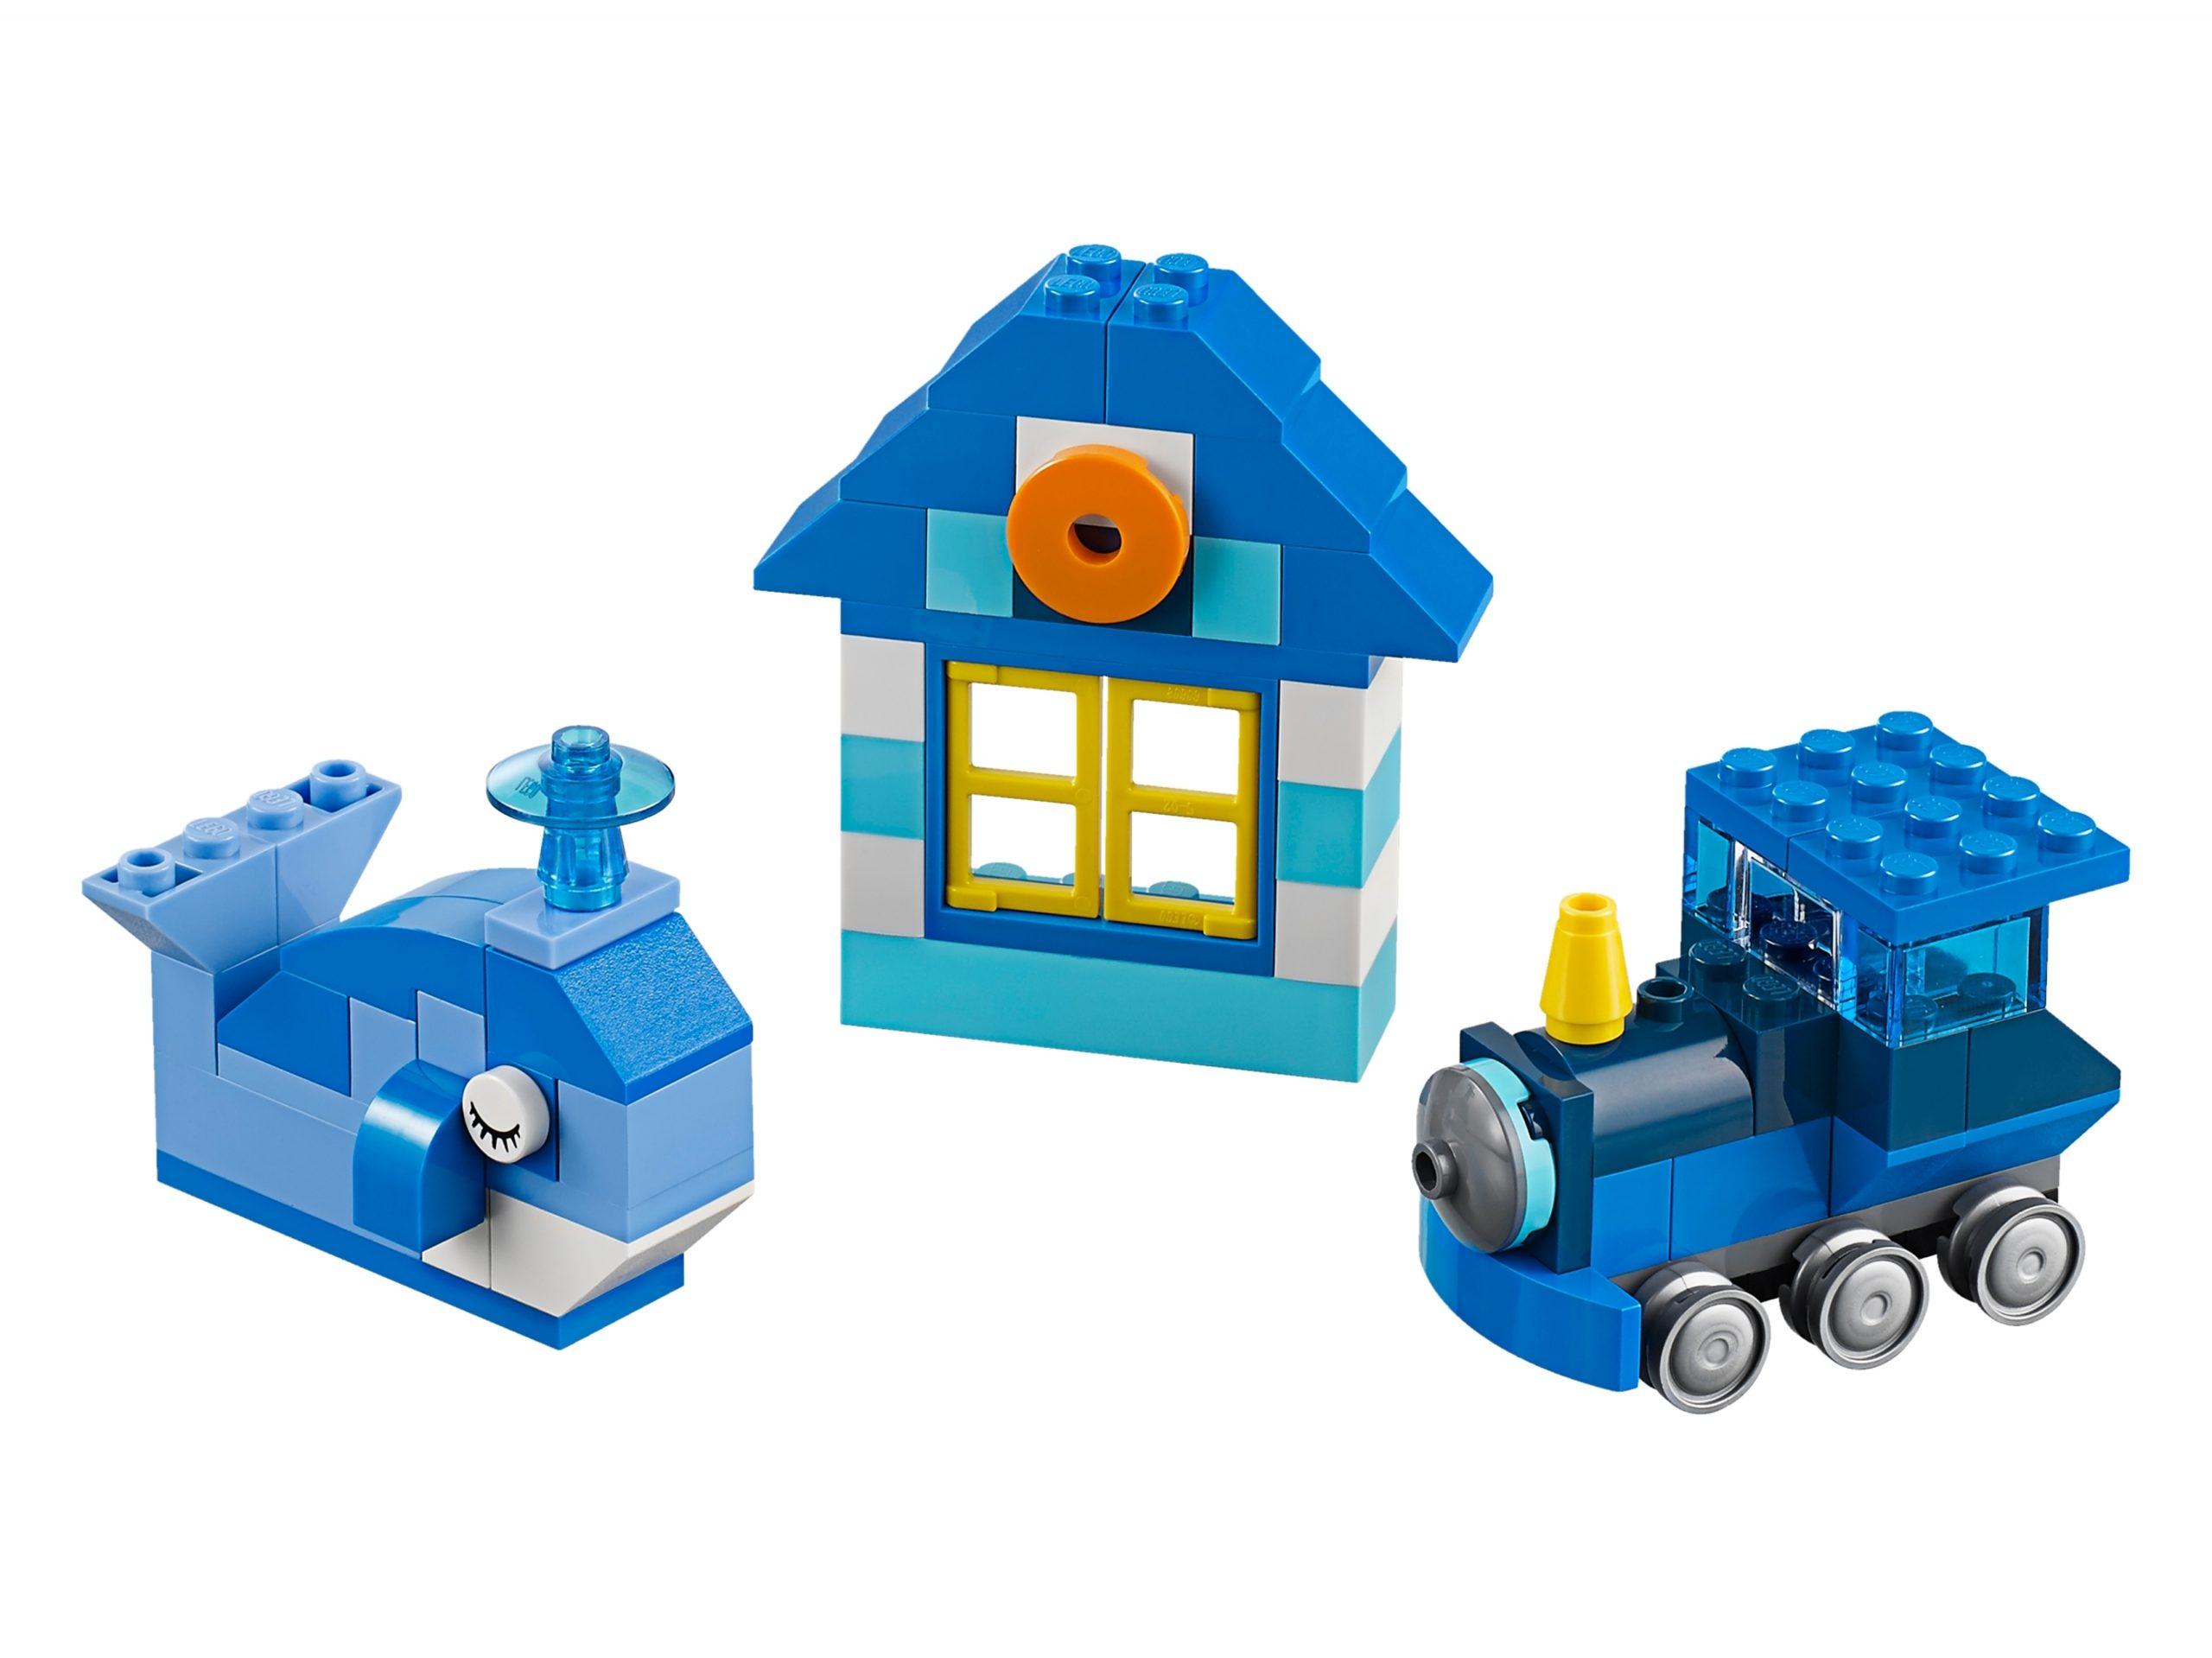 lego 10706 boite de construction bleue scaled